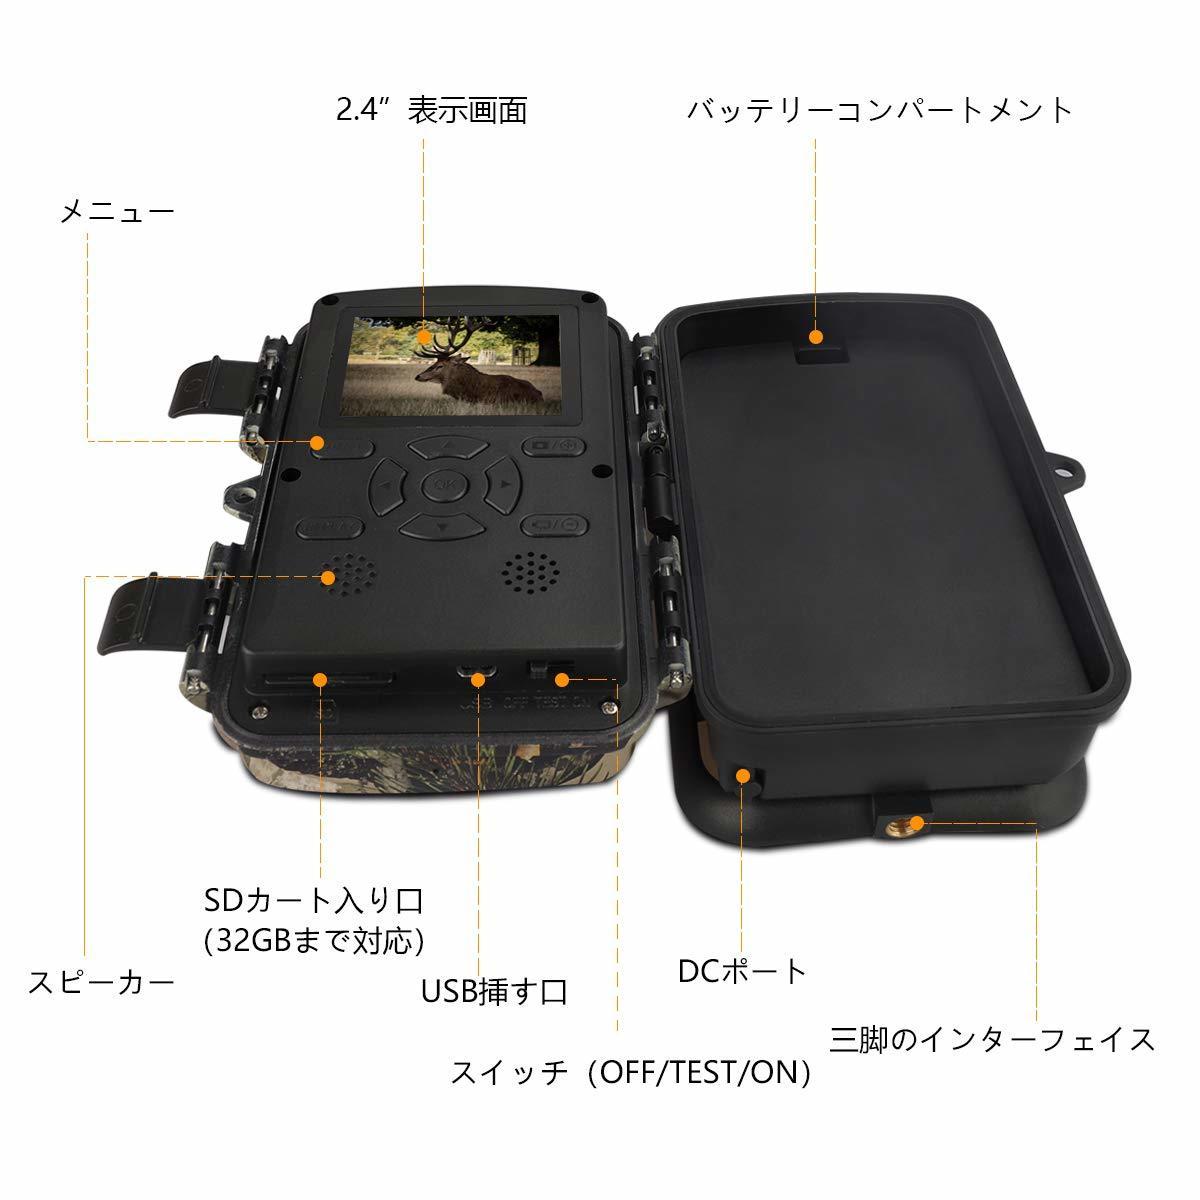 トレイルカメラ 防犯カメラ 暗視カメラ 人感センサー1200万画素 IP56防水 1080P フルHD 動き検知 不可視赤外線LEDライト 日本語説明書_画像3